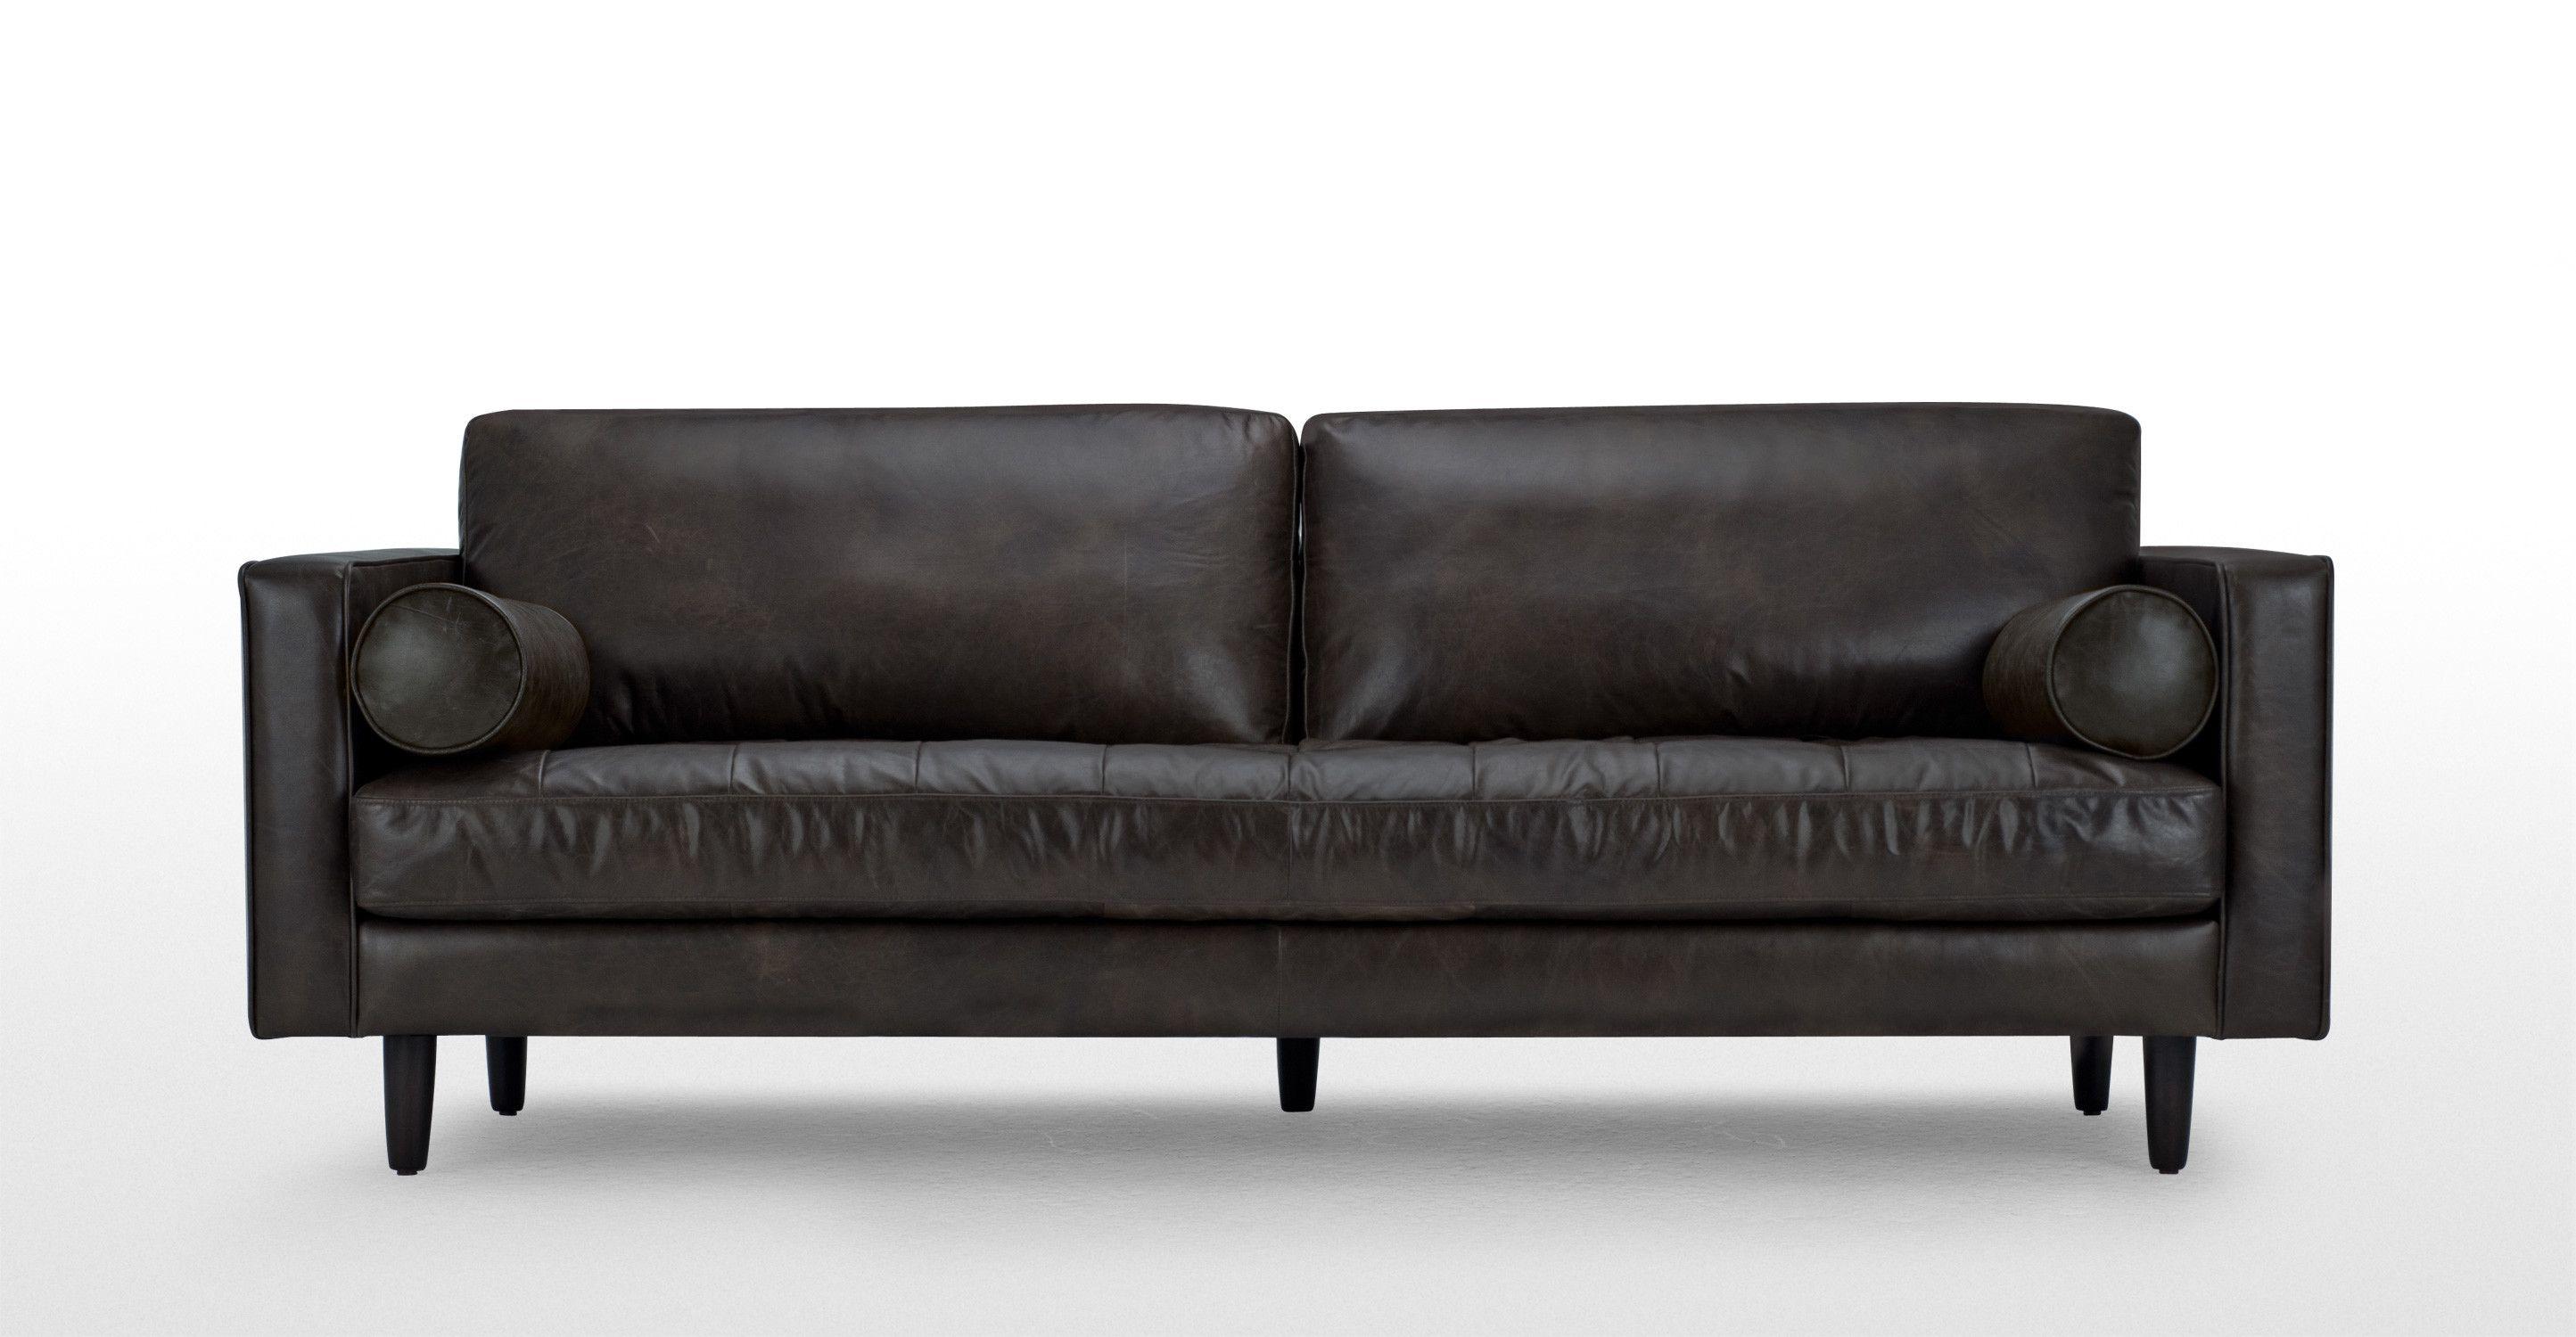 Scott 3 Seater Sofa In Vintage Brown Premium Leather Made Com 3 Seater Sofa Leather Sofa Vintage Sofa